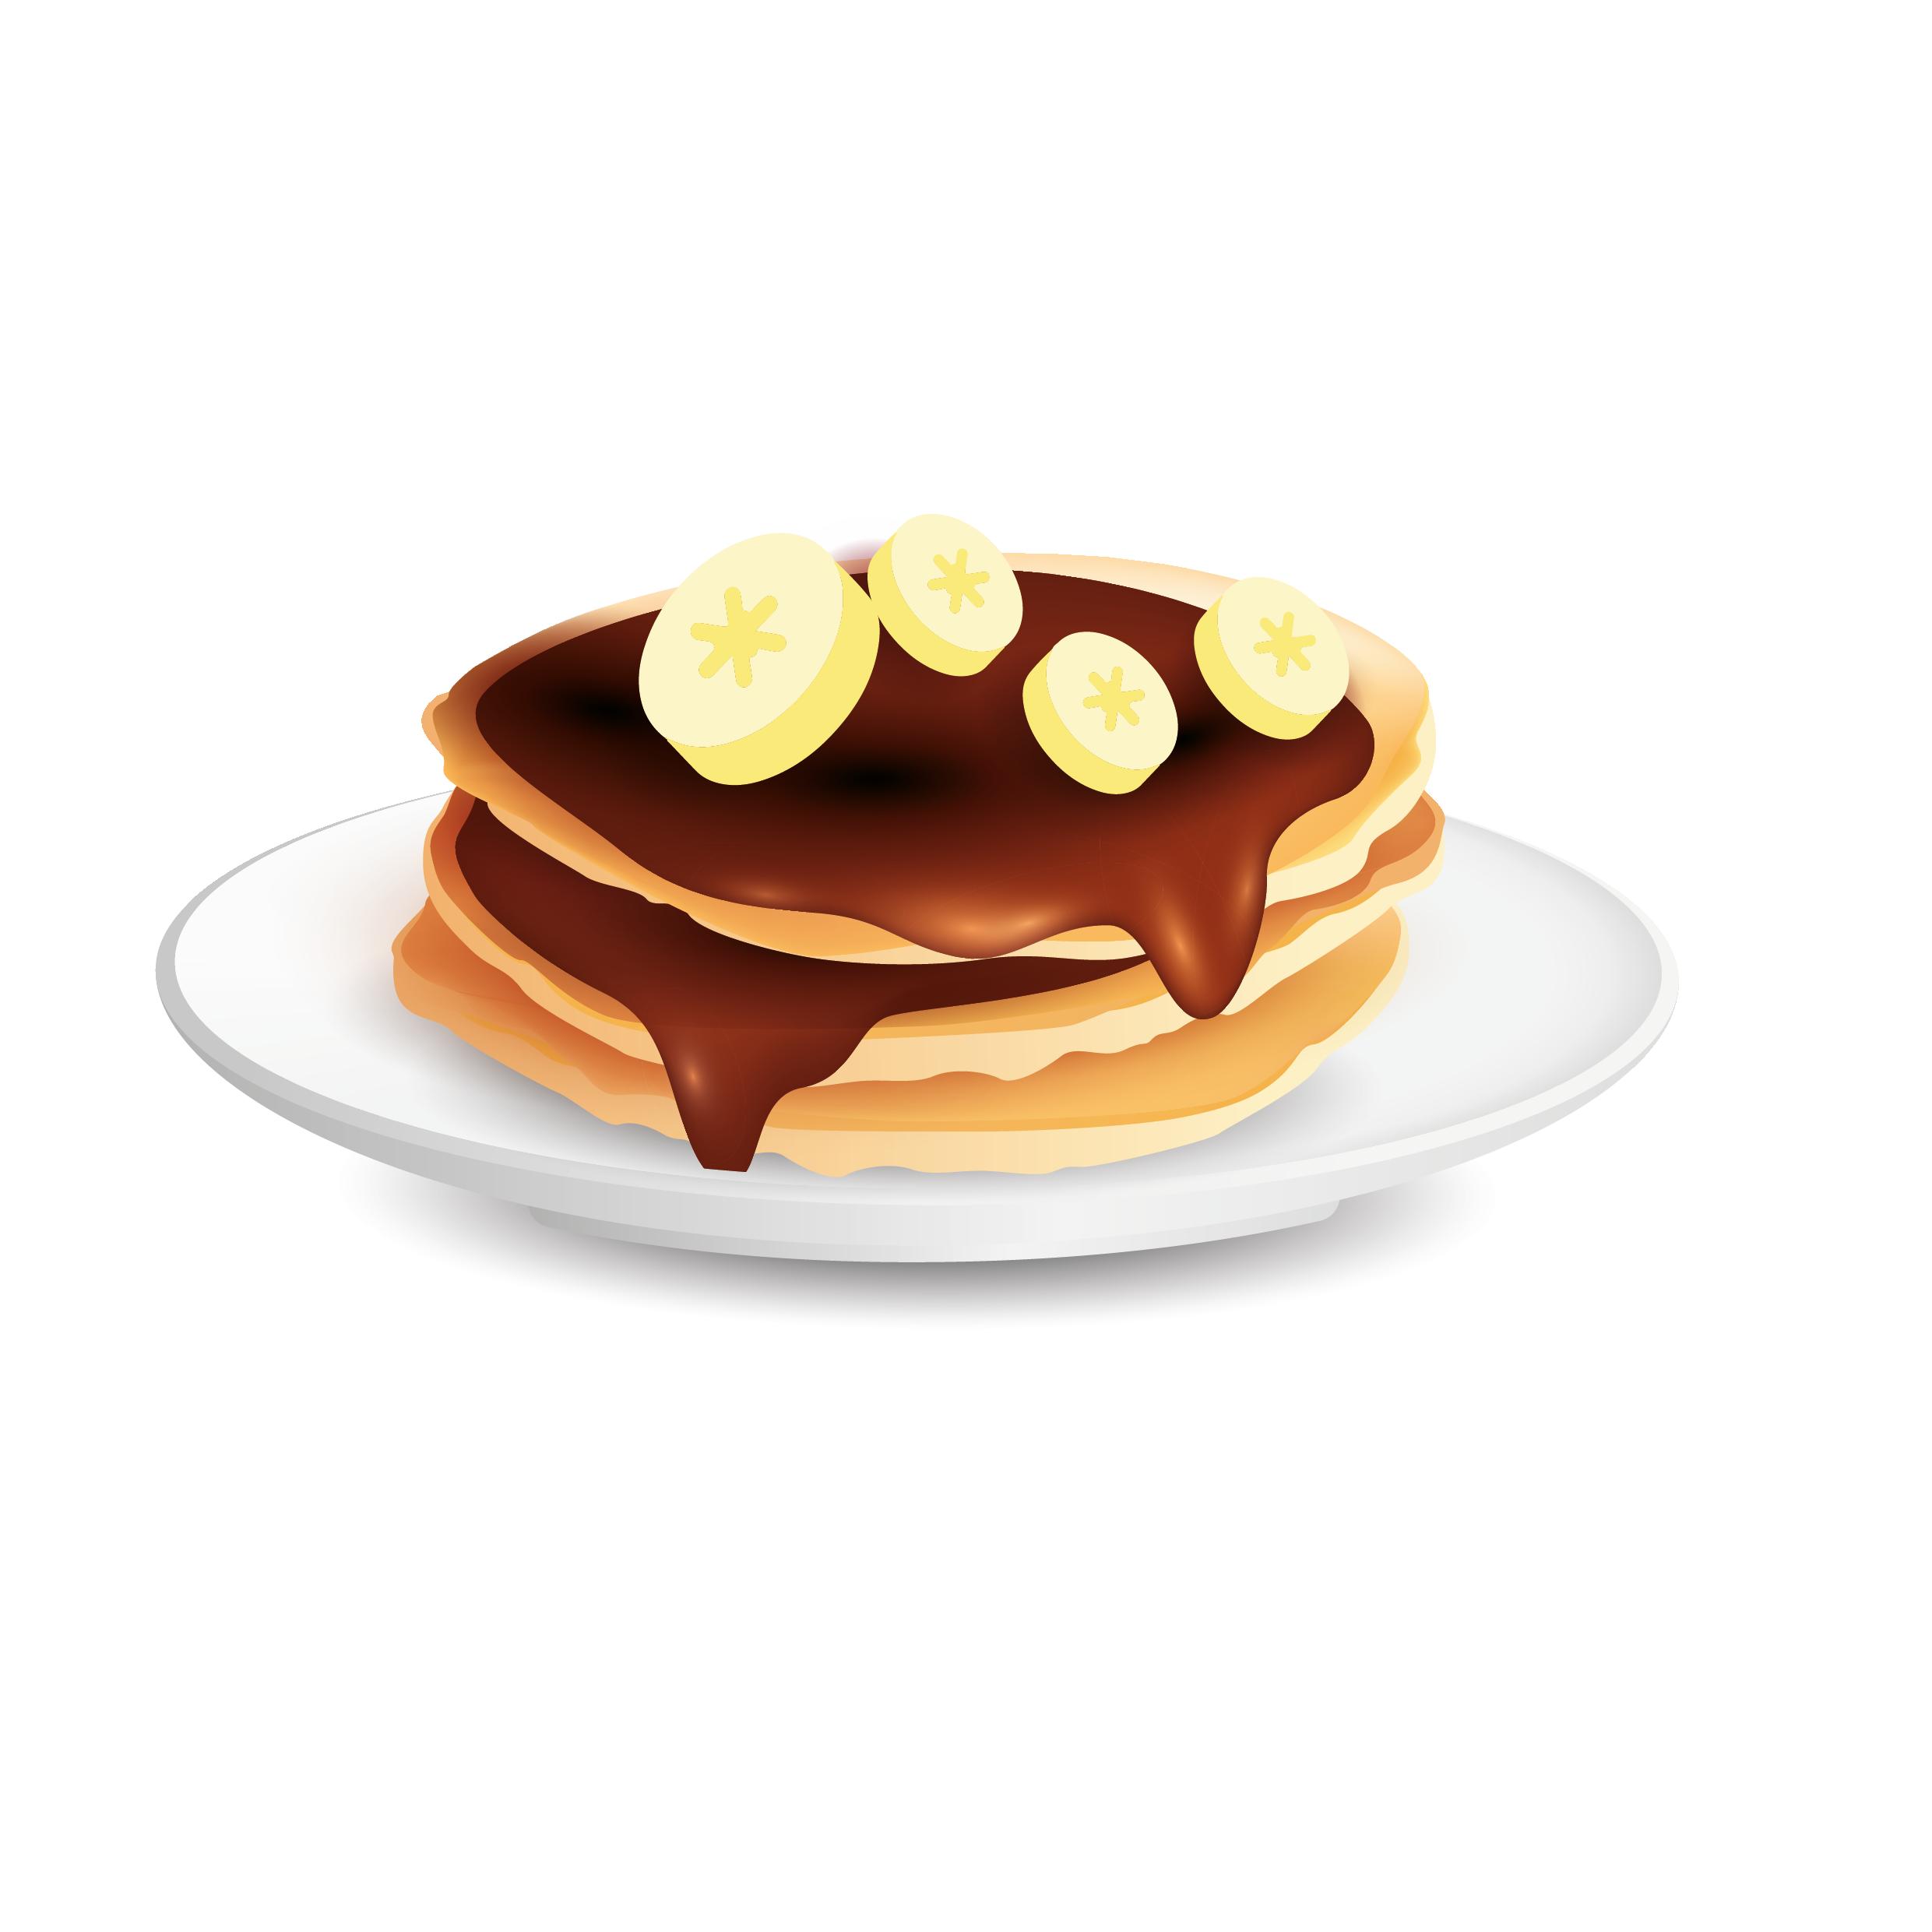 Pancake banane 🍌